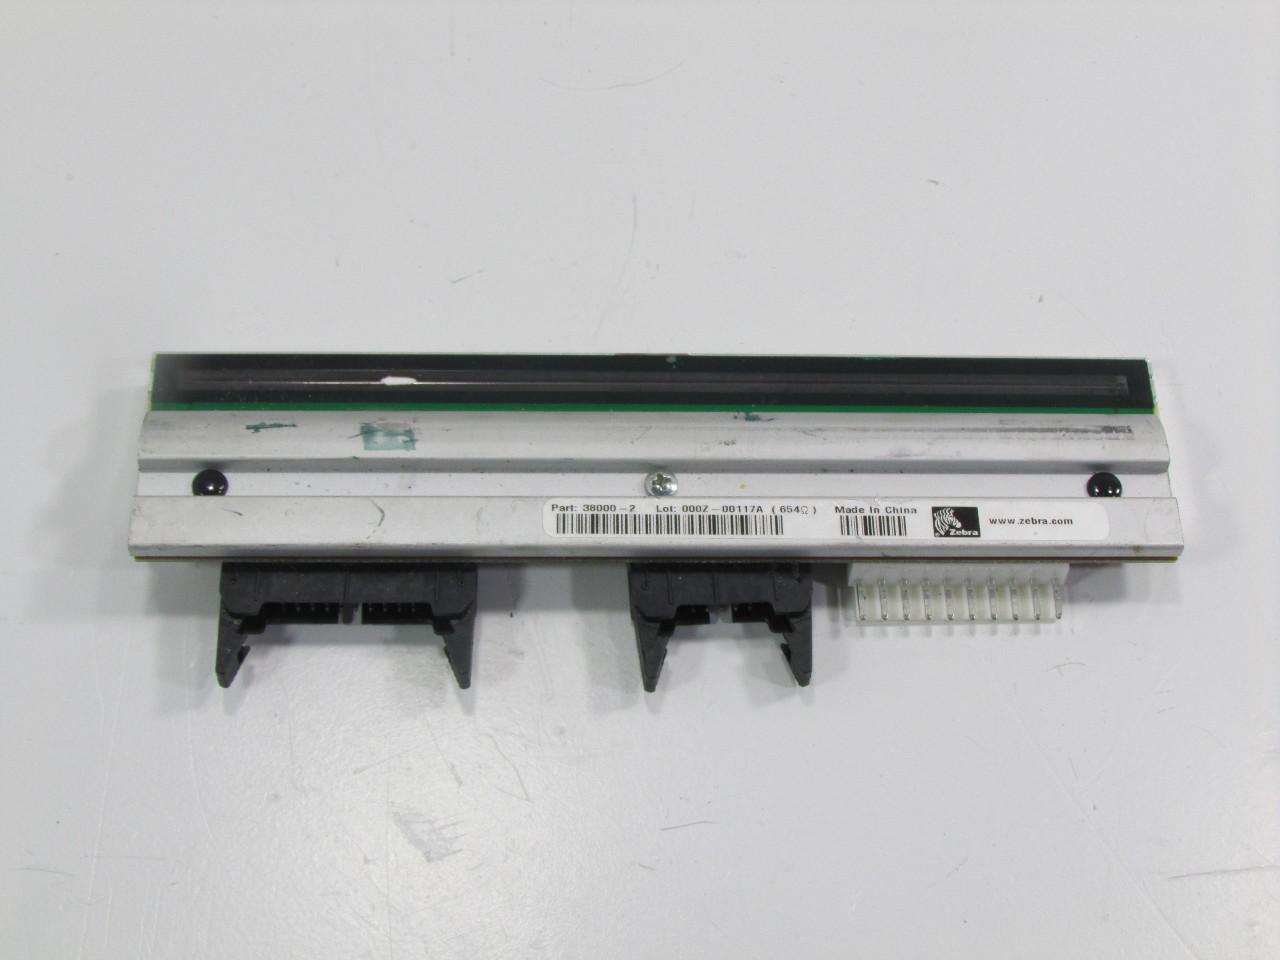 ZEBRA LABEL PRINTER PRINTERHEAD P/N 38000-2 | Premier ...